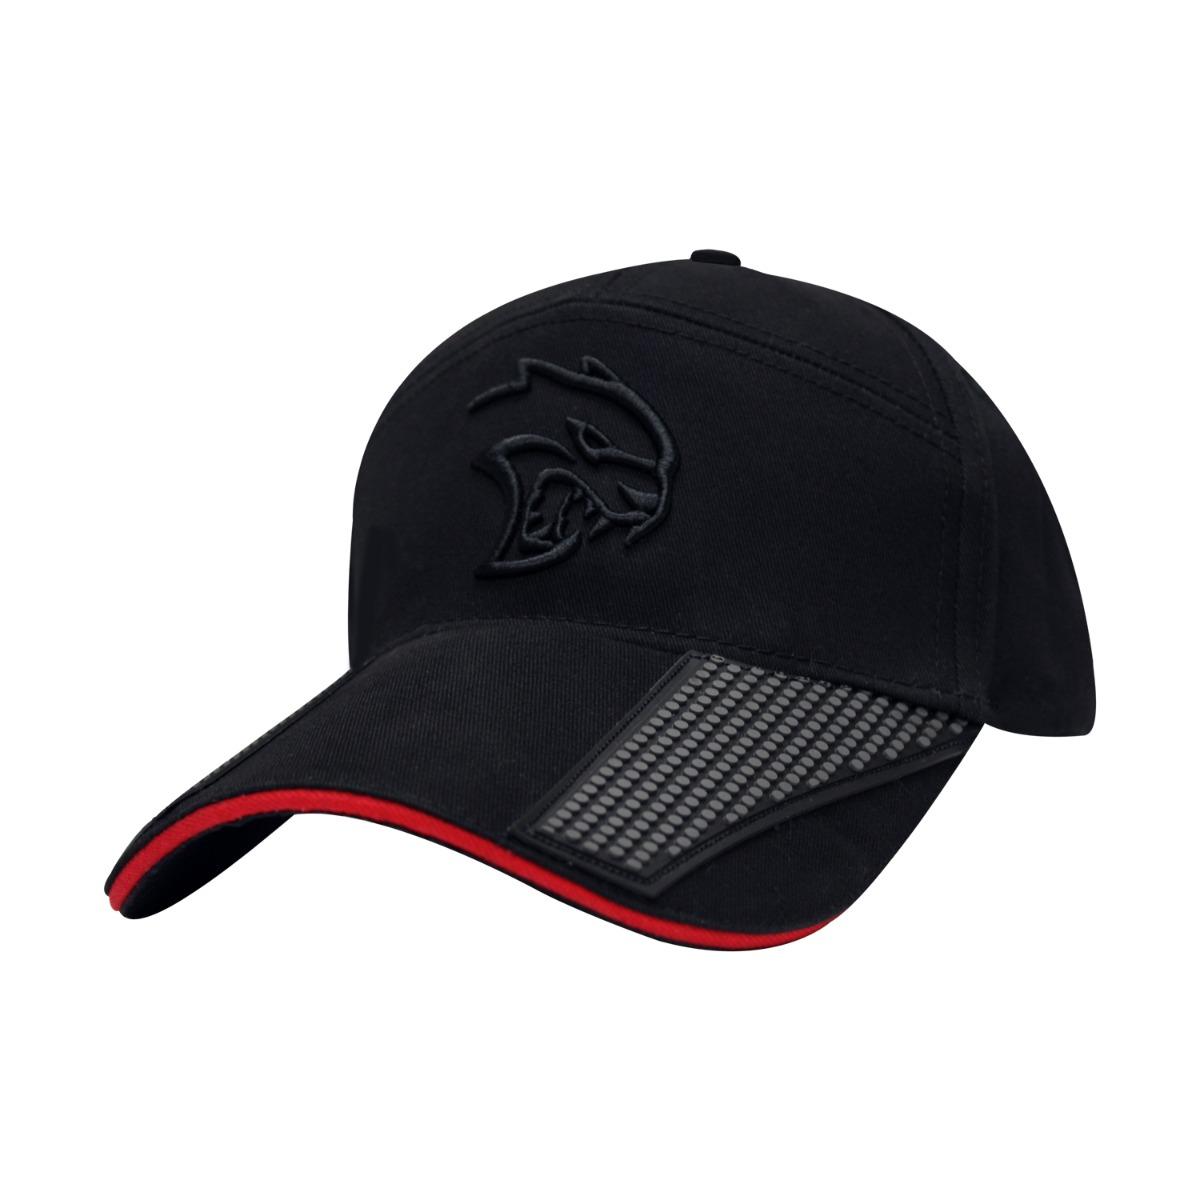 SRT Hellcat Black Cap